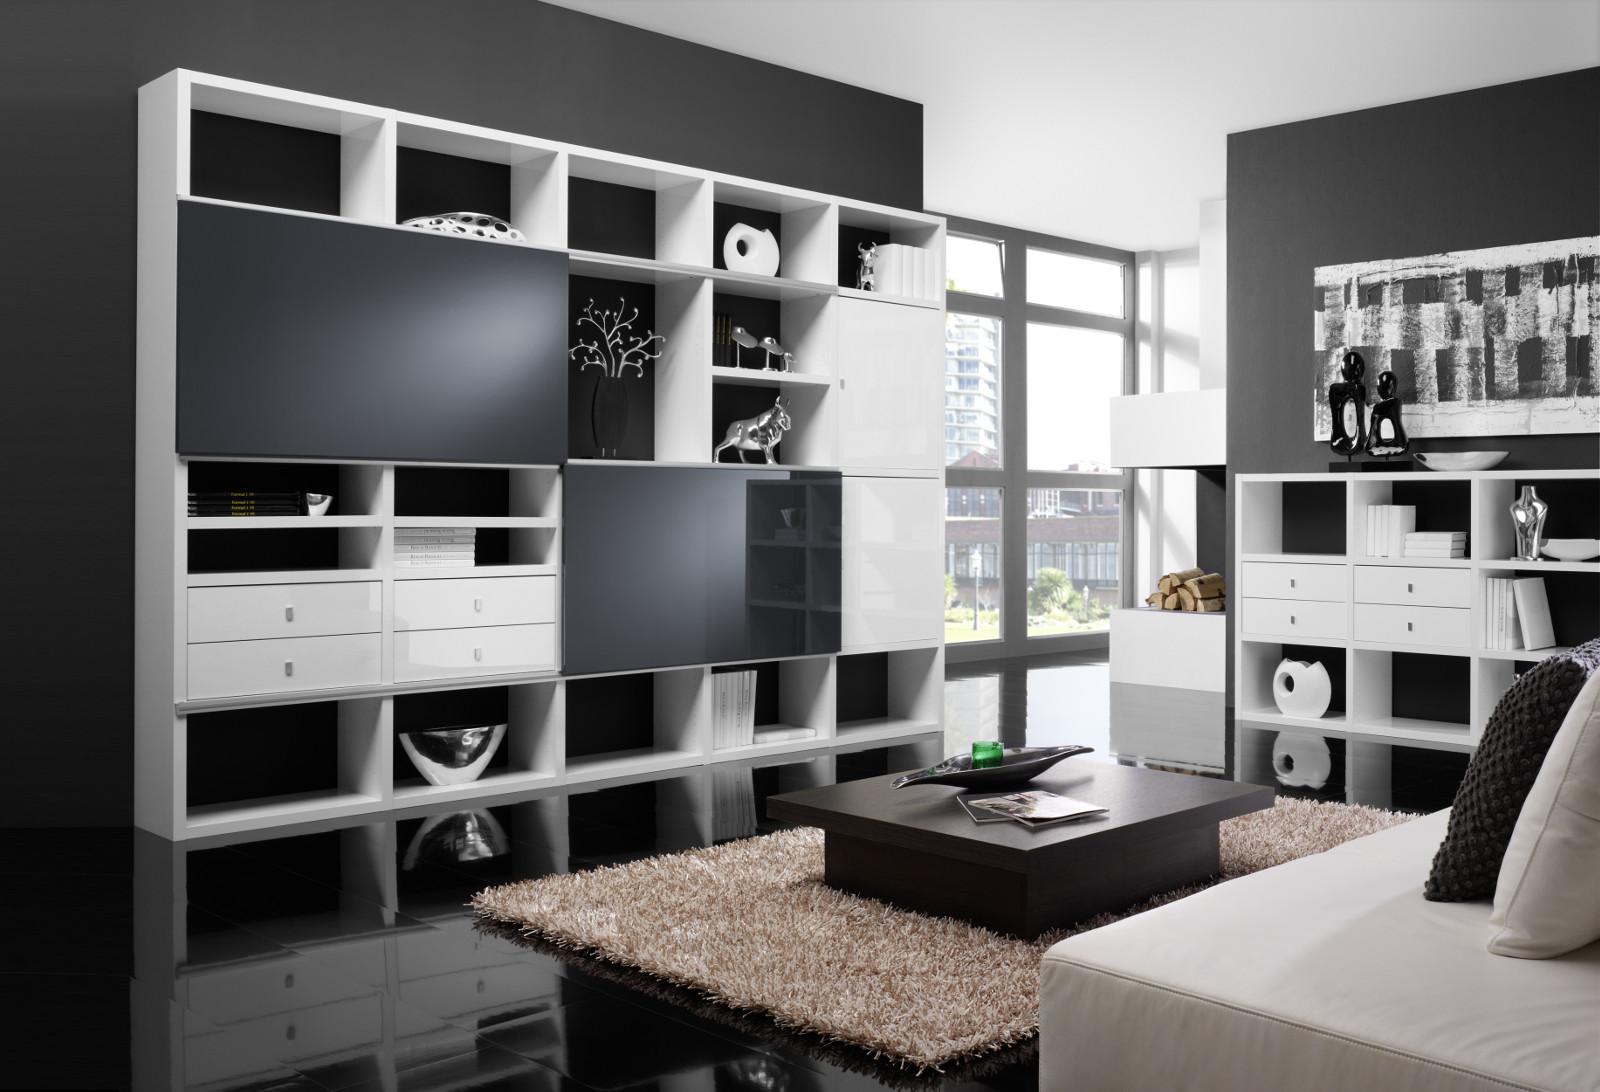 Wohnwand bücherwand bibliothek lack weiß schwarz ...